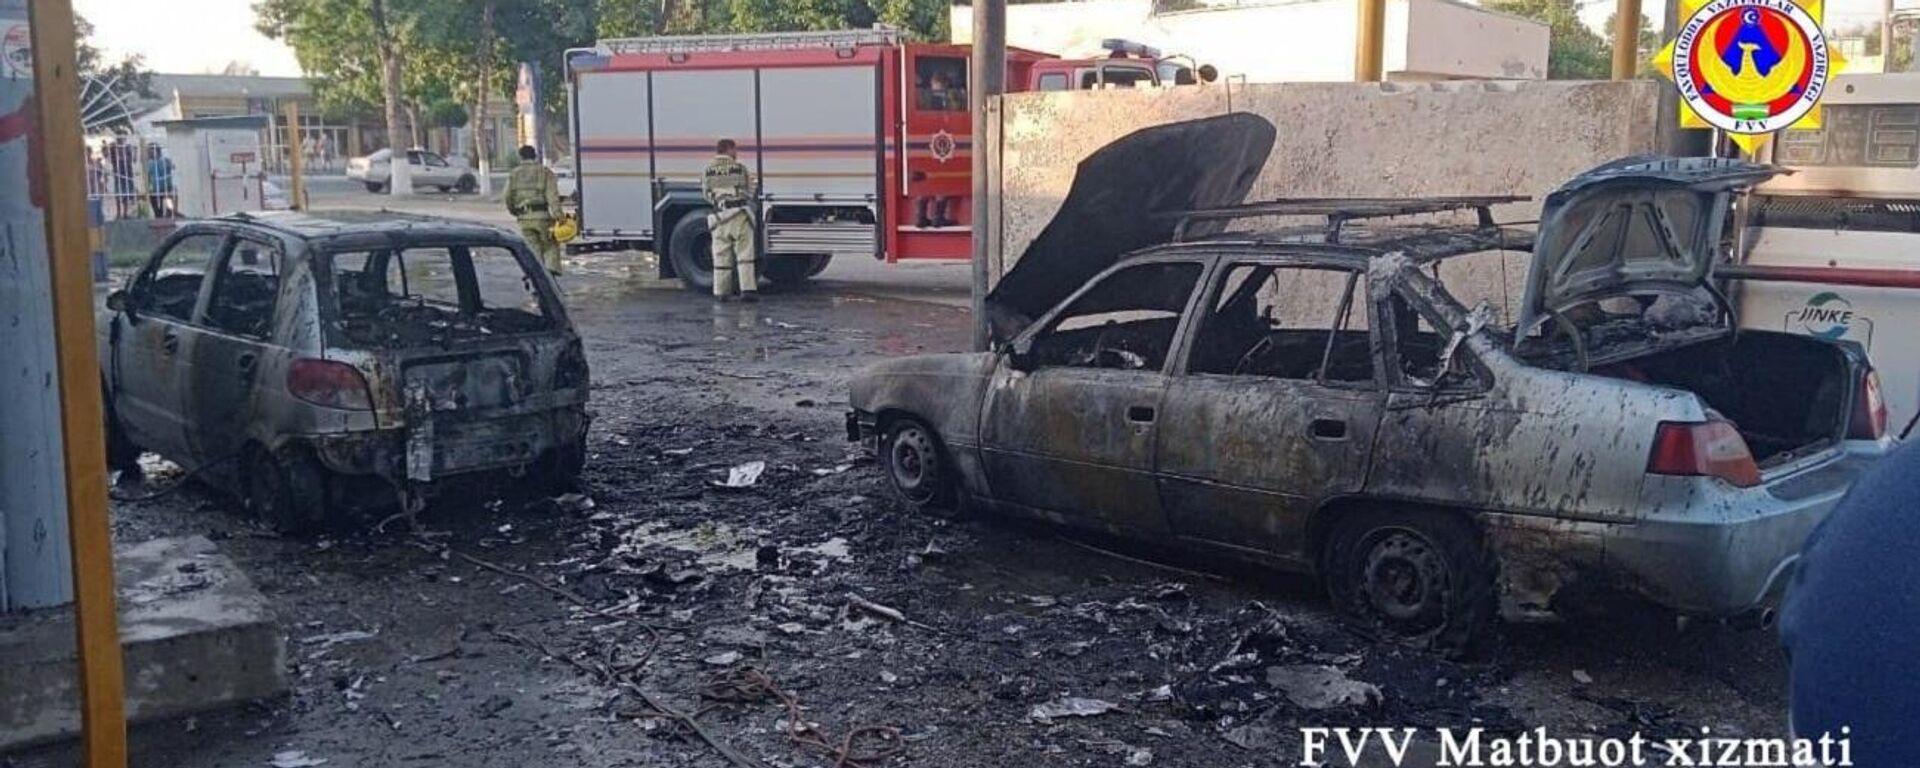 На газозаправочной станции в Джизаке произошёл пожар - Sputnik Ўзбекистон, 1920, 28.06.2021